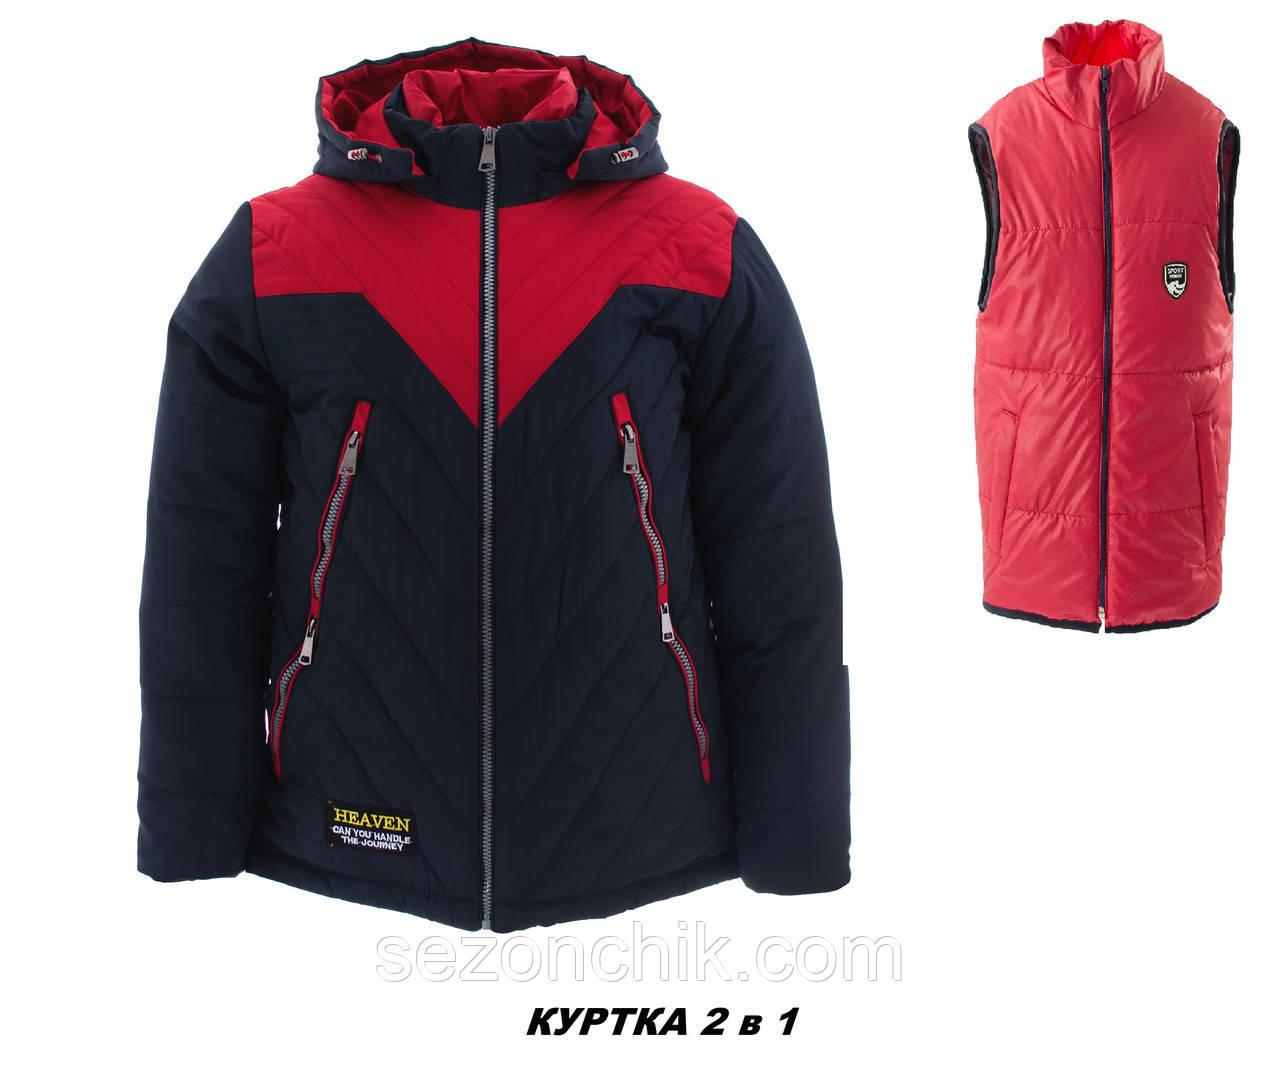 ad3de6f56492 Зимняя куртка трансфер на мальчика подростка